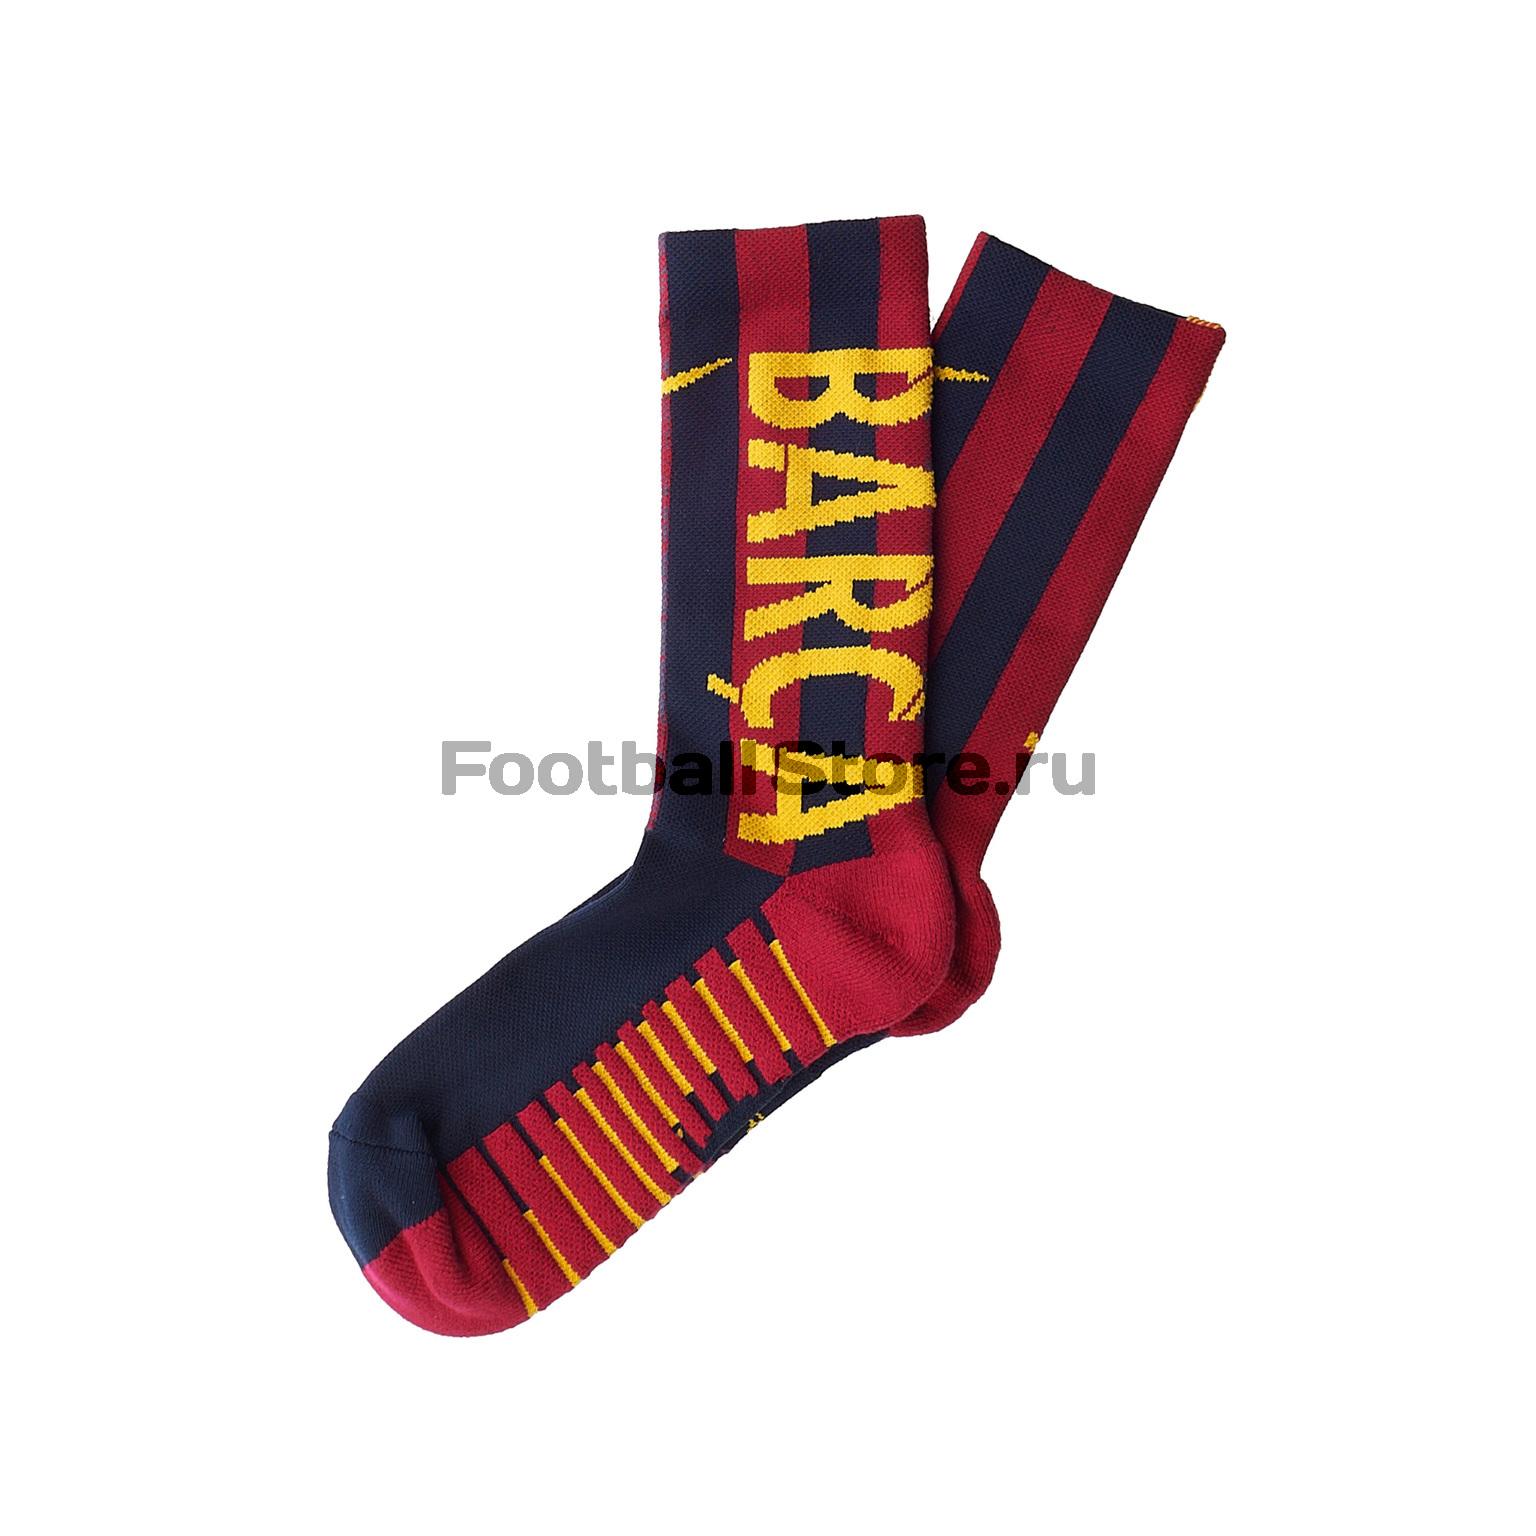 0dca1420813bf Носки Nike Barcelona Crew SX7562-451 – купить в интернет магазине ...